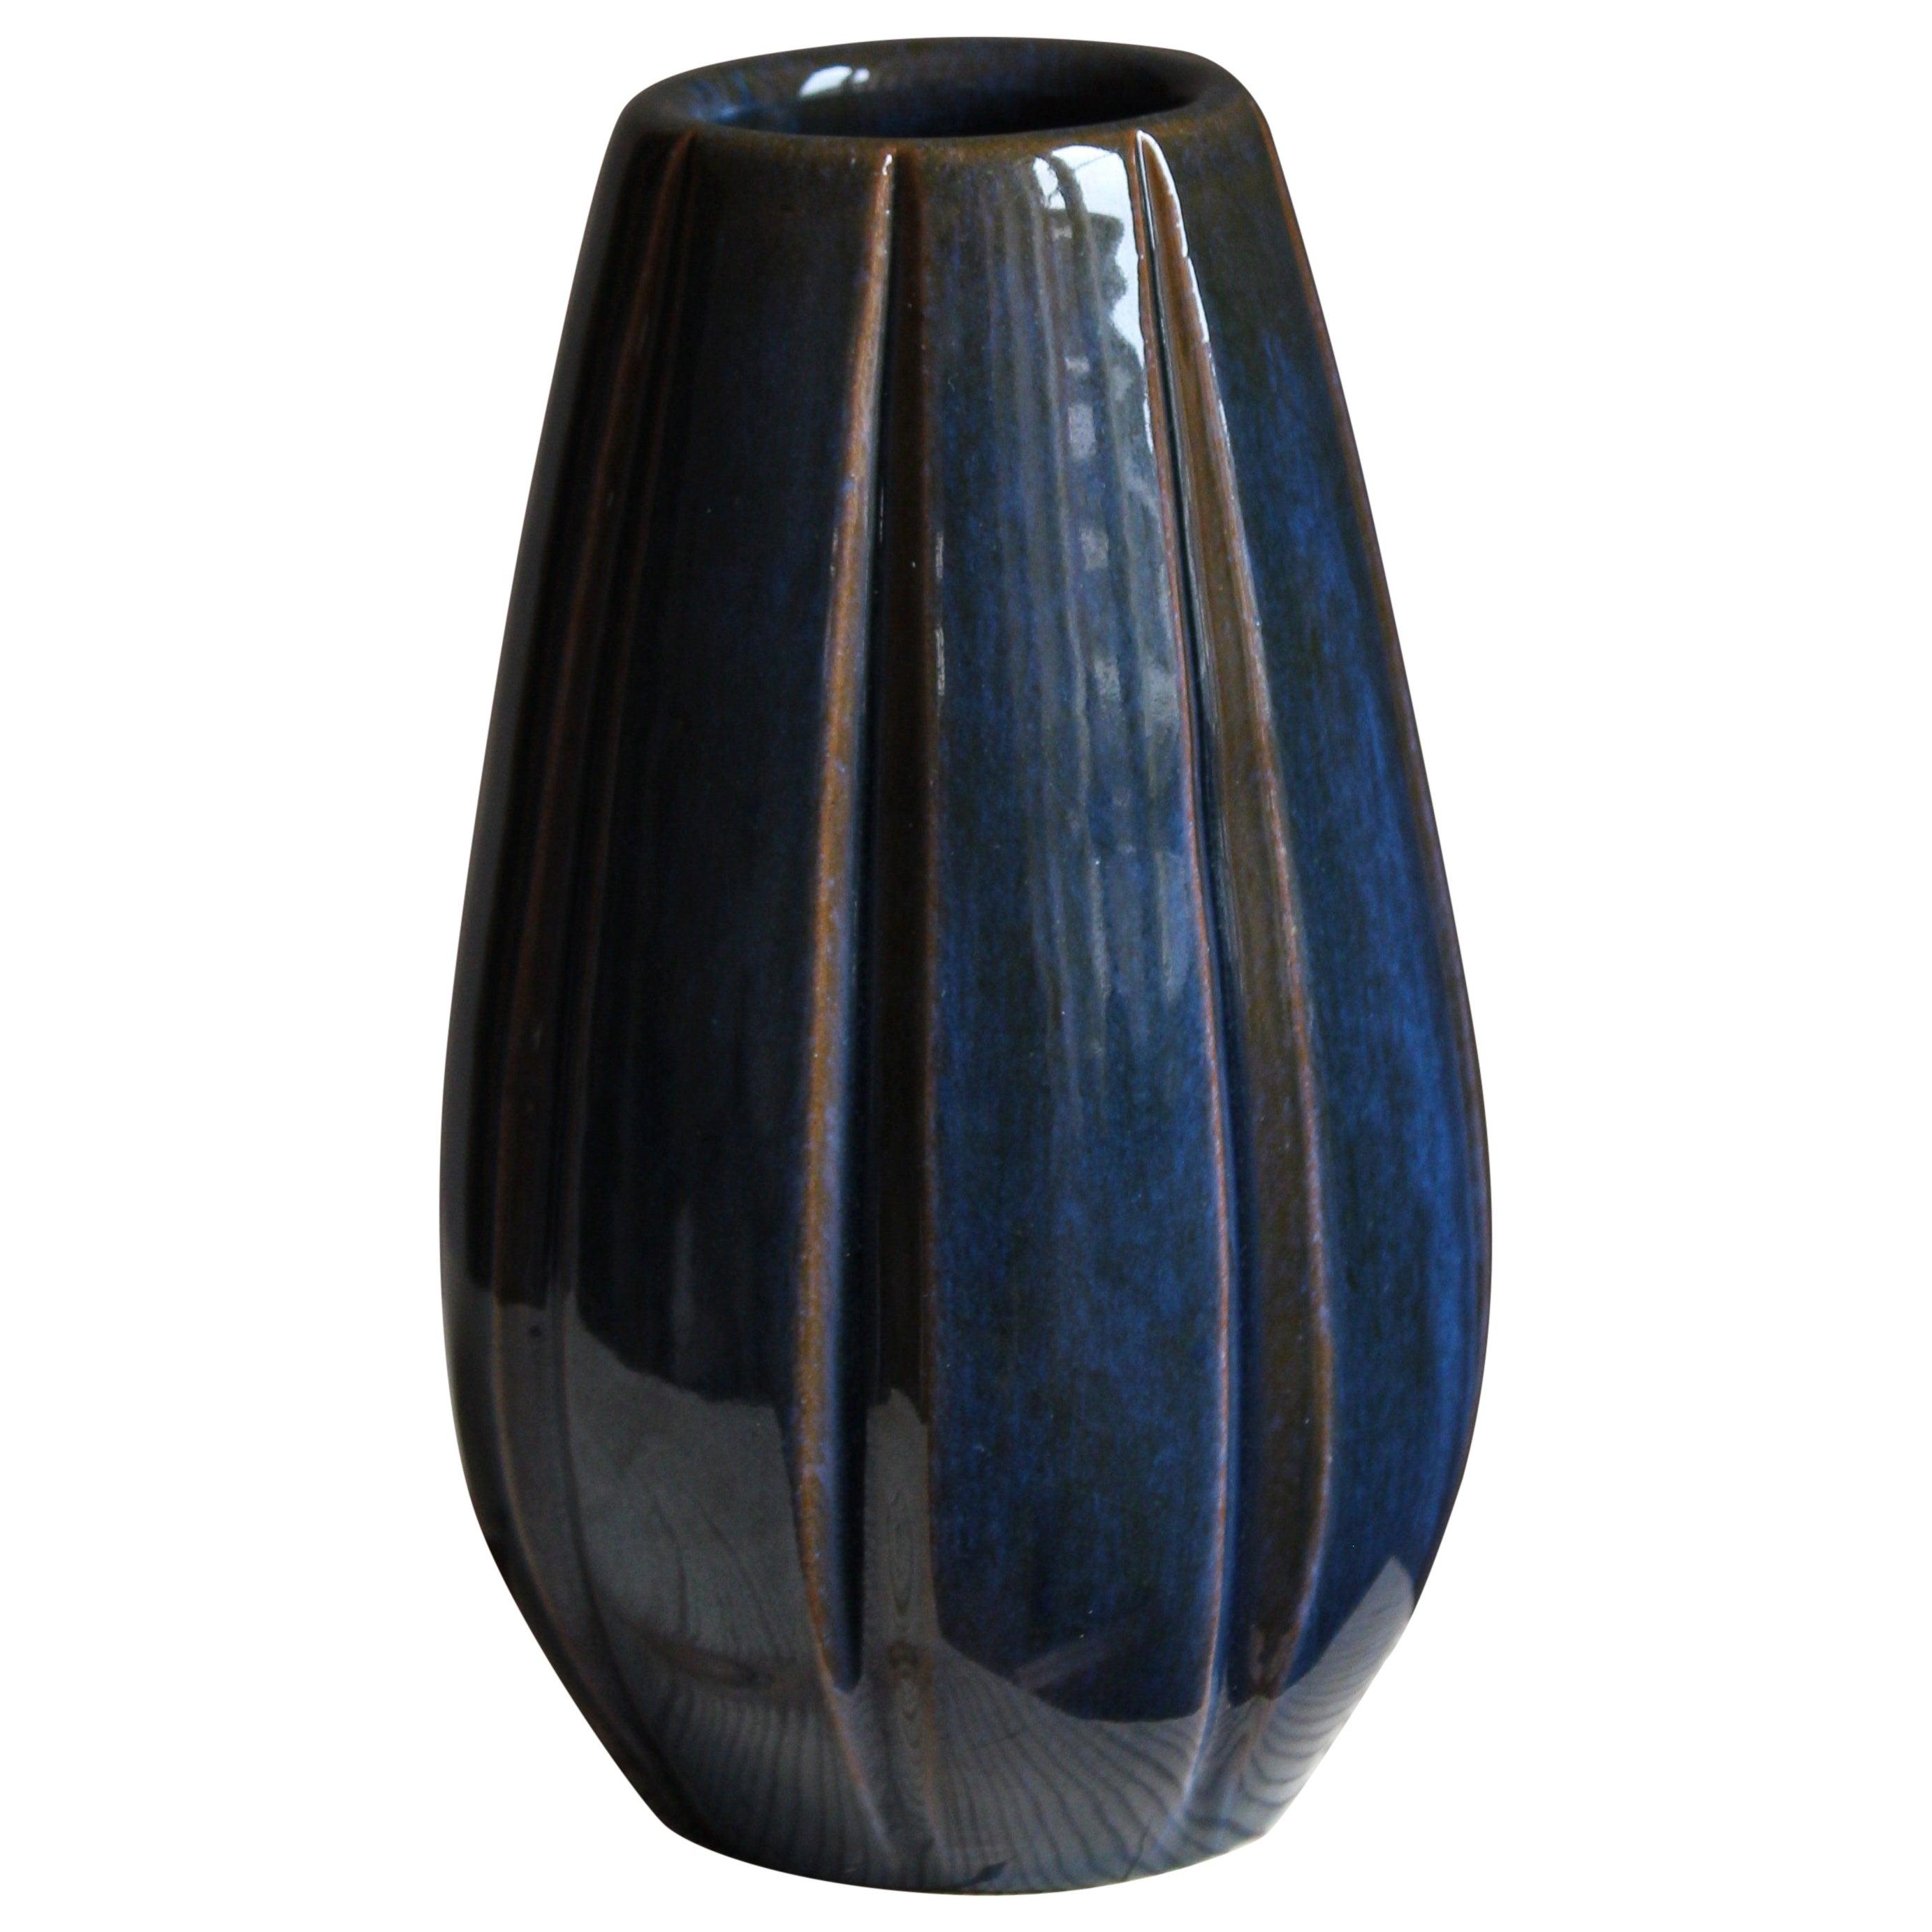 Vicke Lindstrand, Vase, Glazed Stoneware, Upsala-Ekeby, Sweden, 1940s